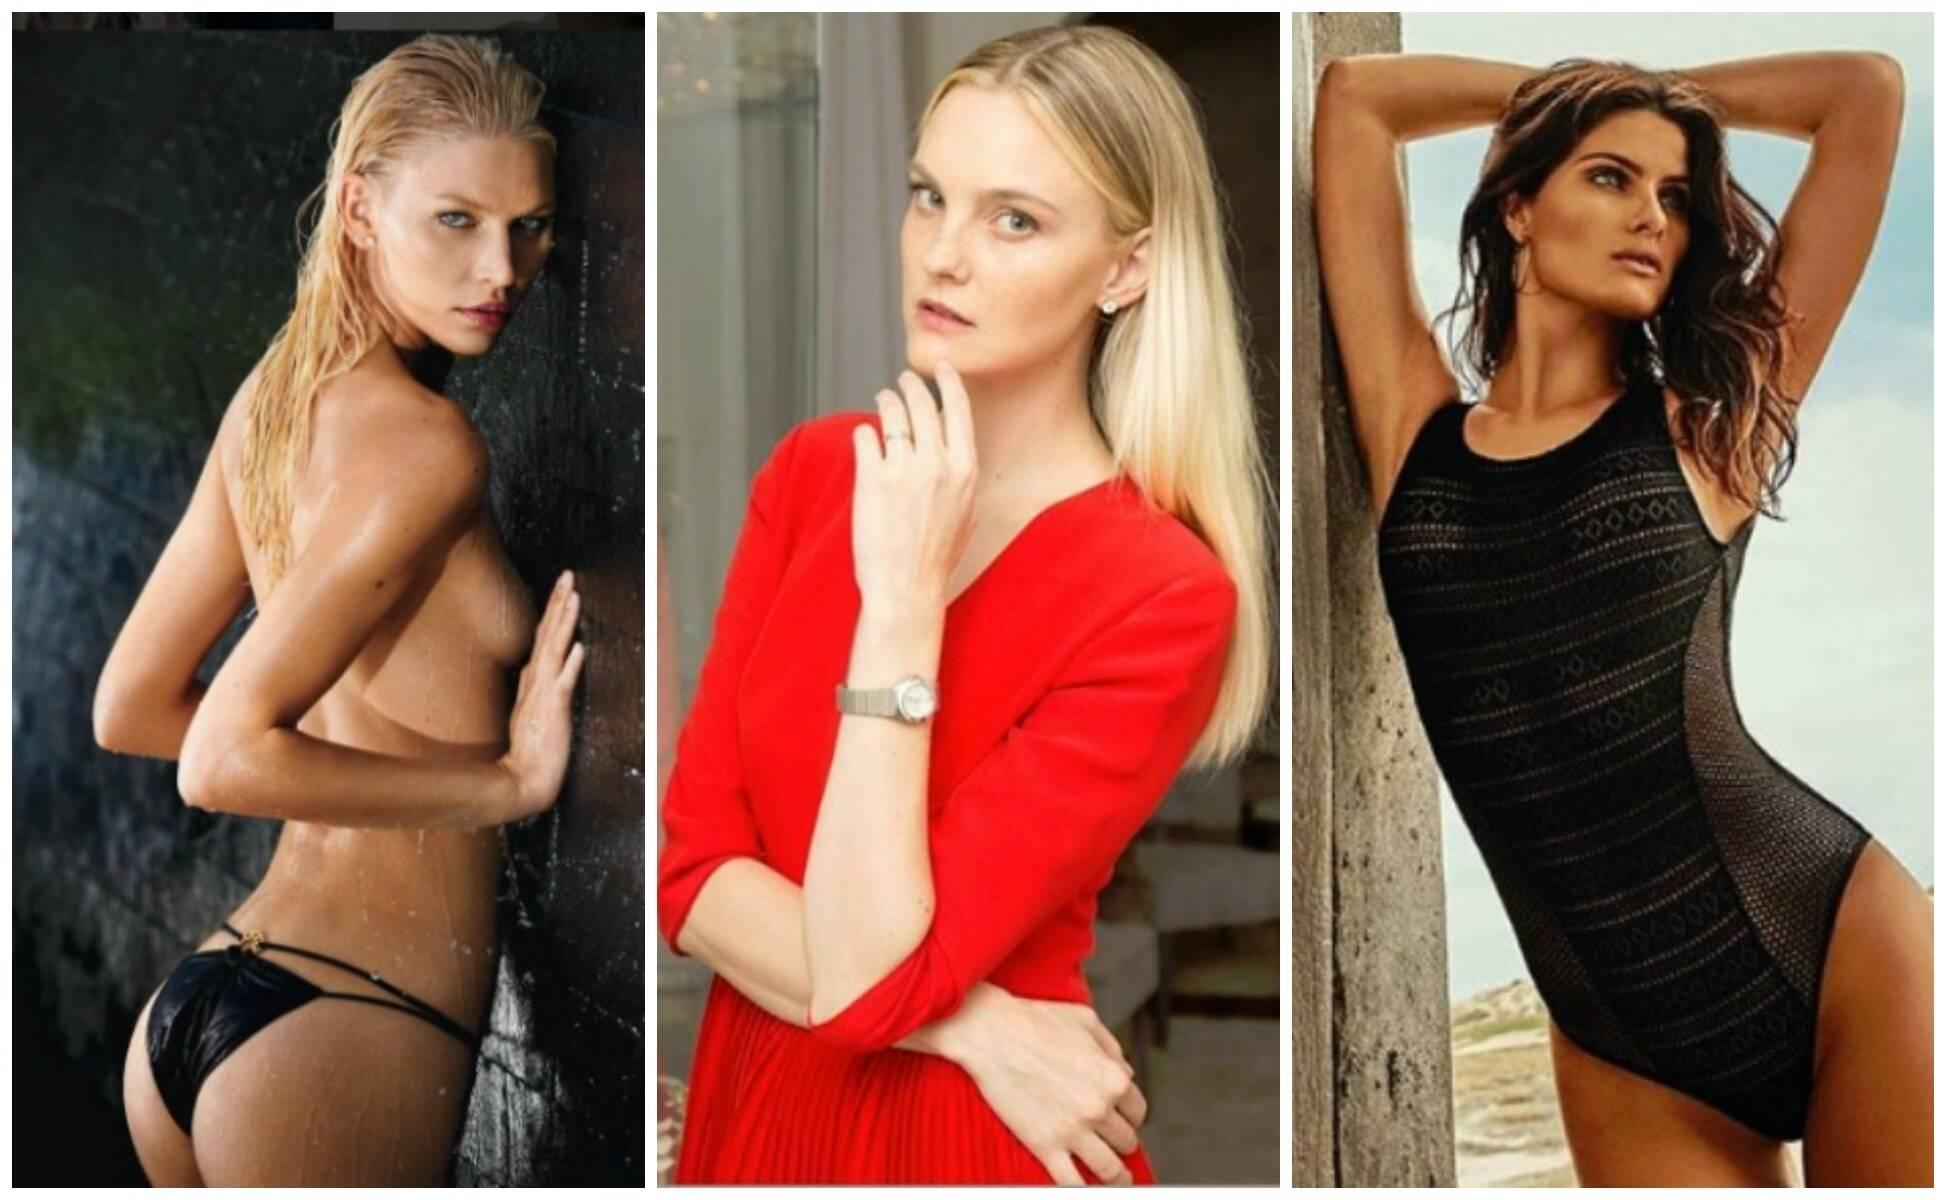 Aline Weber, Carol Trentini e Isabeli Fontana: três das lindas modelos que desfilam, nesta terça, no Fashion Elle Preview / Fotos: reprodução do Instagram